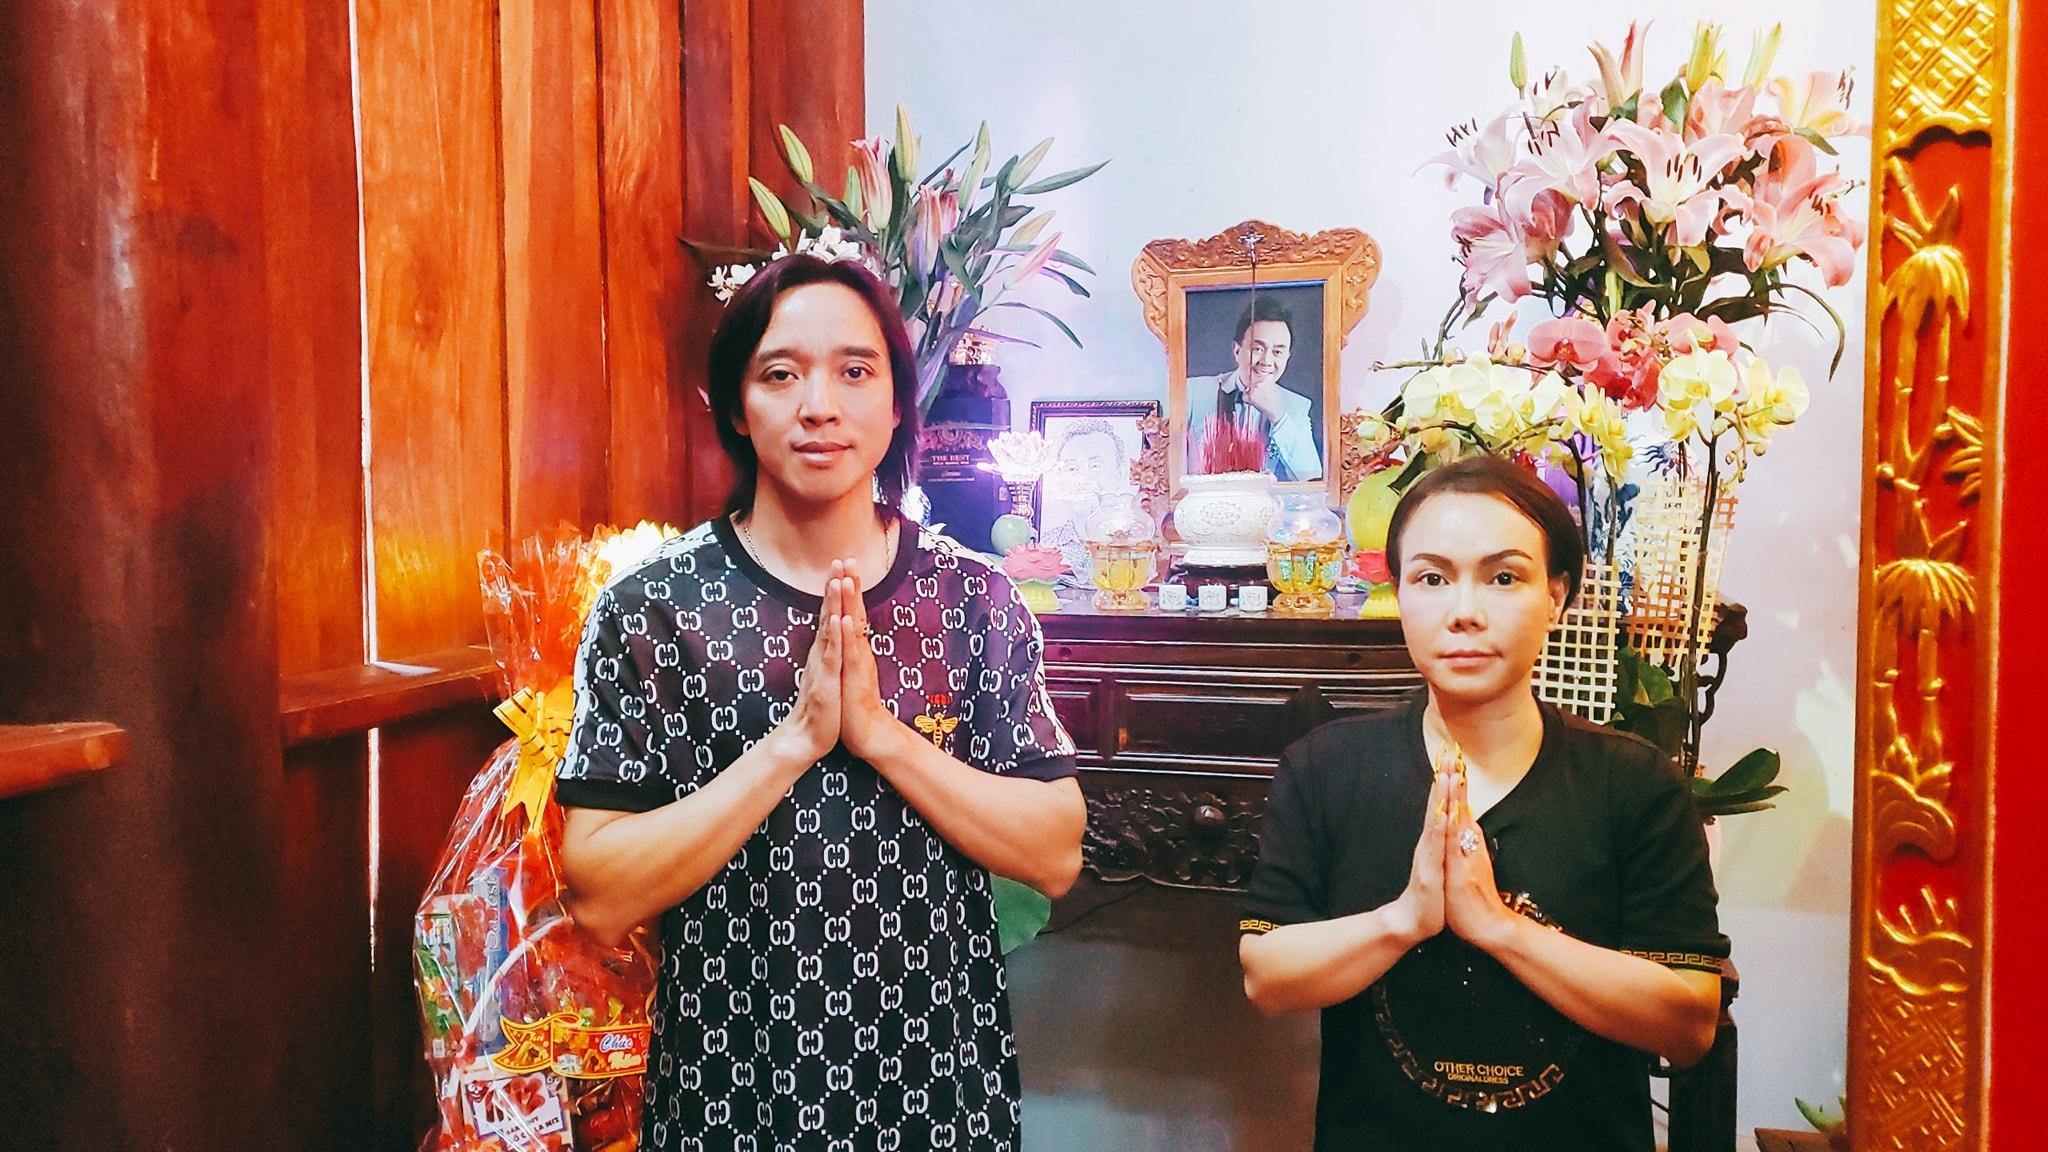 Vợ chồng Việt Hương đến thắp hương cho nghệ sĩ Chí Tài ở nhà thờ Tổ, nhắn nhủ đầy xúc động